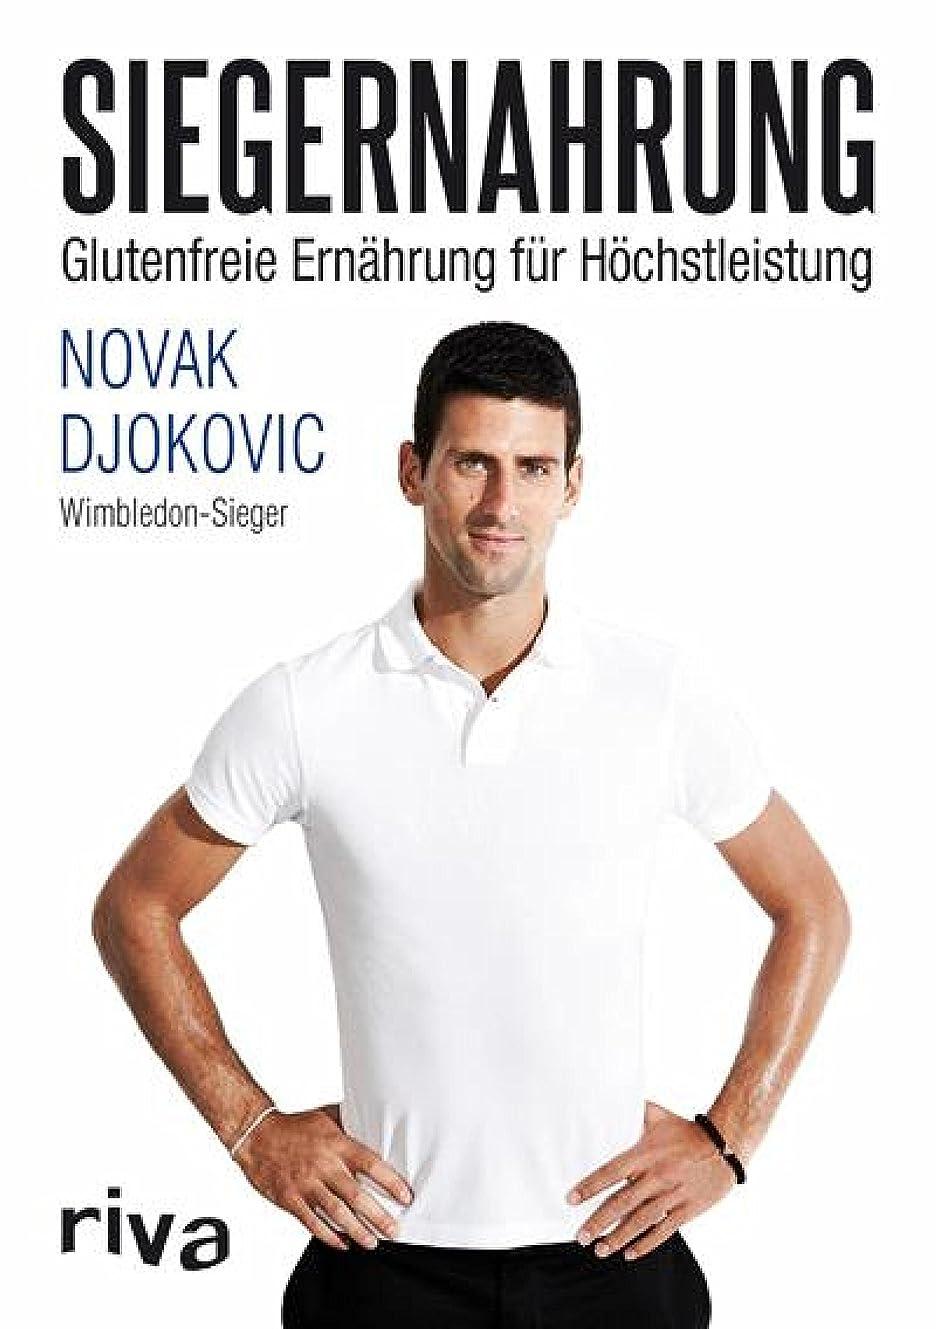 操るハイキングに行くに対応Siegernahrung: Glutenfreie Ern?hrung für H?chstleistung (German Edition)